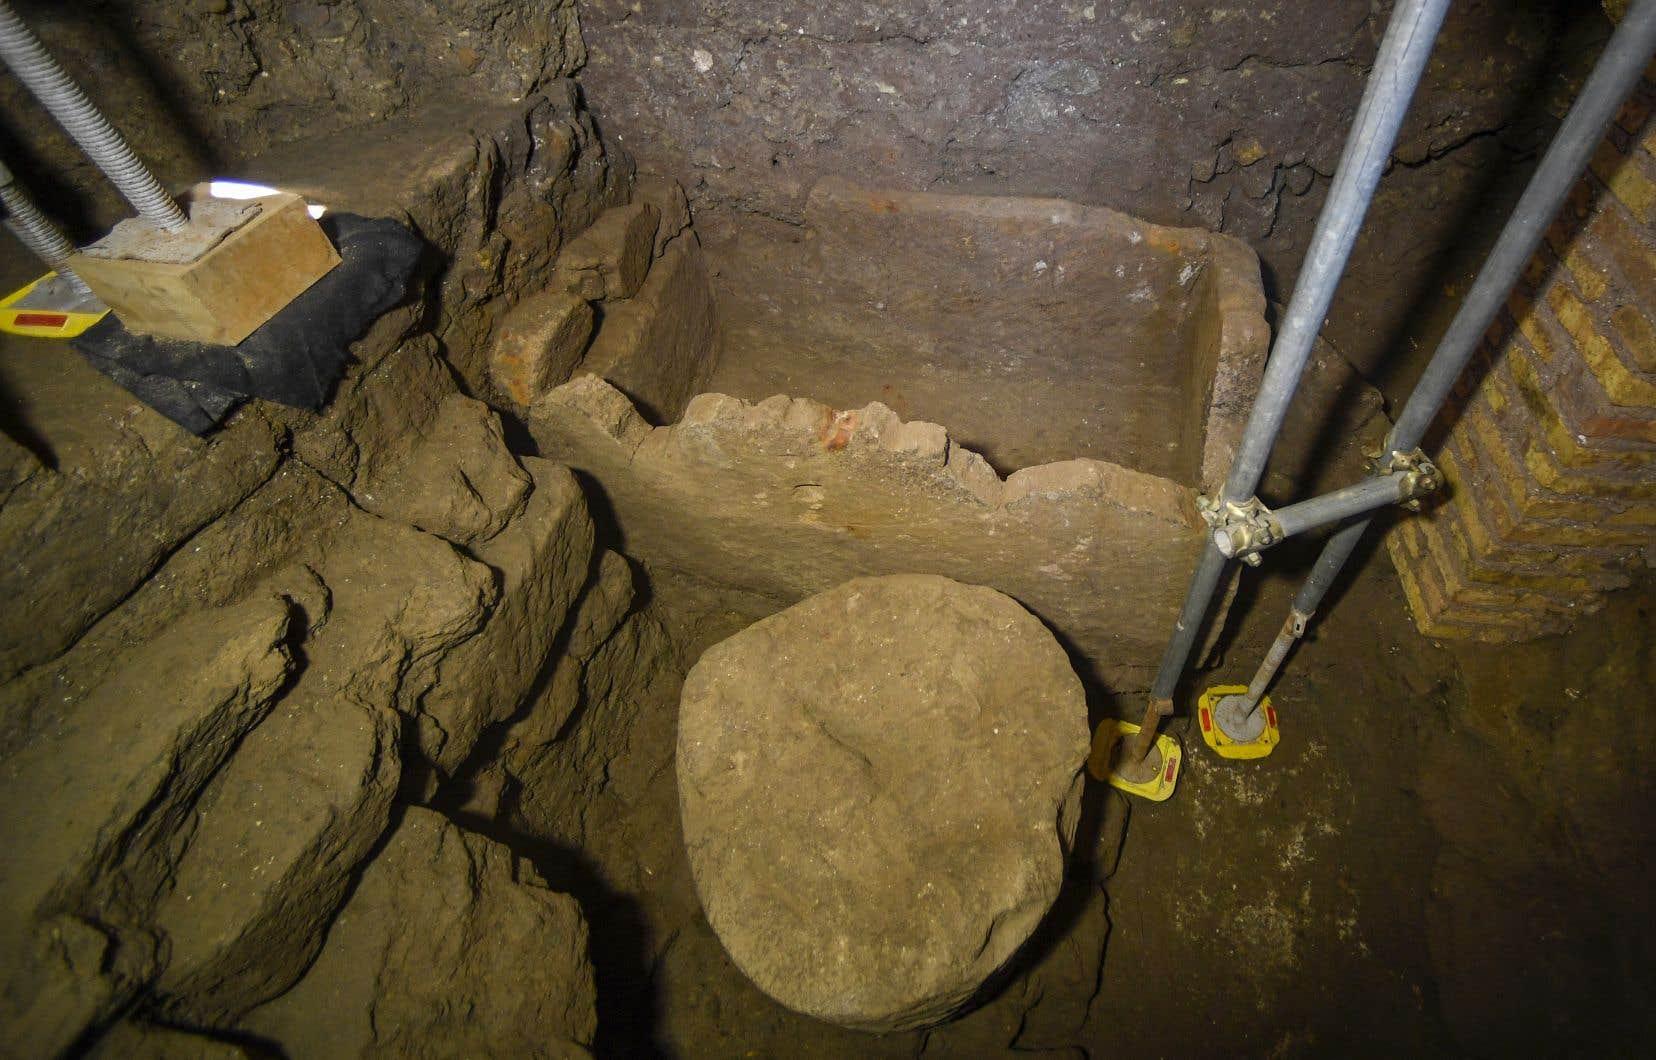 <p>Des fouilles récentesont permis de mettre au jour «un sarcophage de tufd'environ 1,40 mètre de long, associé à un élément circulaire, probablement un autel», les deux éléments remontant au VIesiècle avant J.-C..</p>